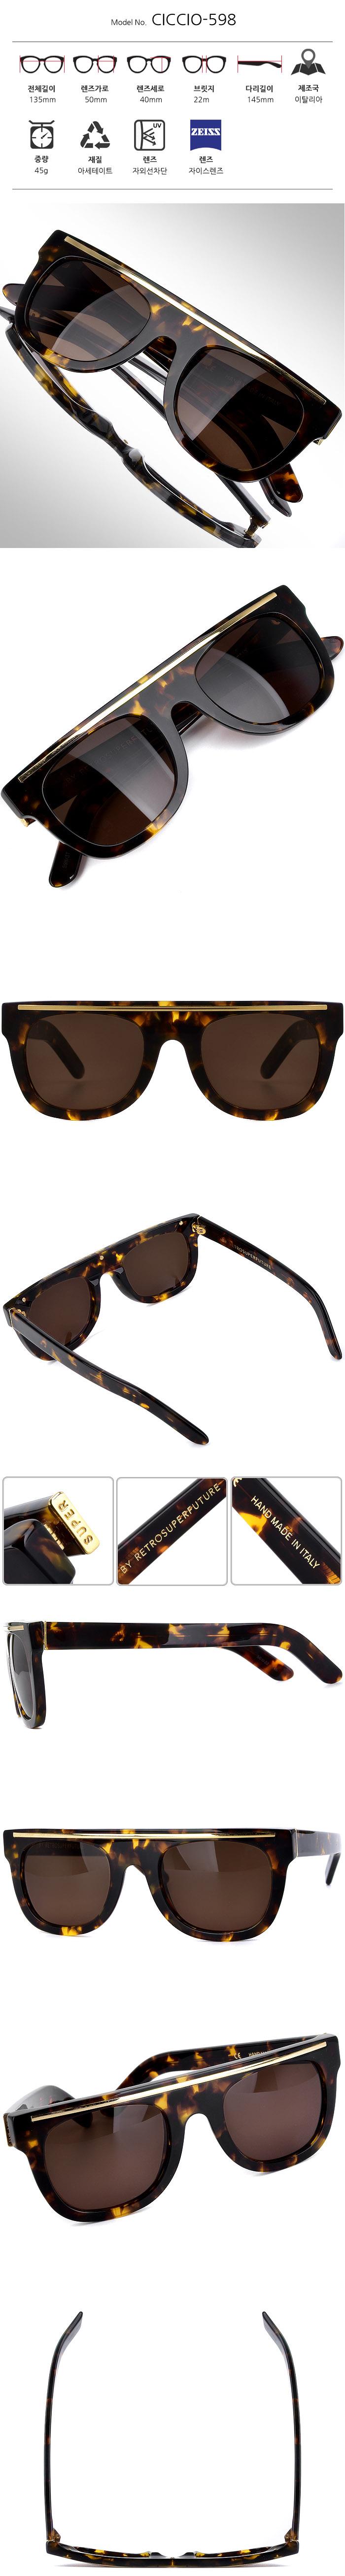 슈퍼 CICCIO 598 명품 선글라스 / SUPER